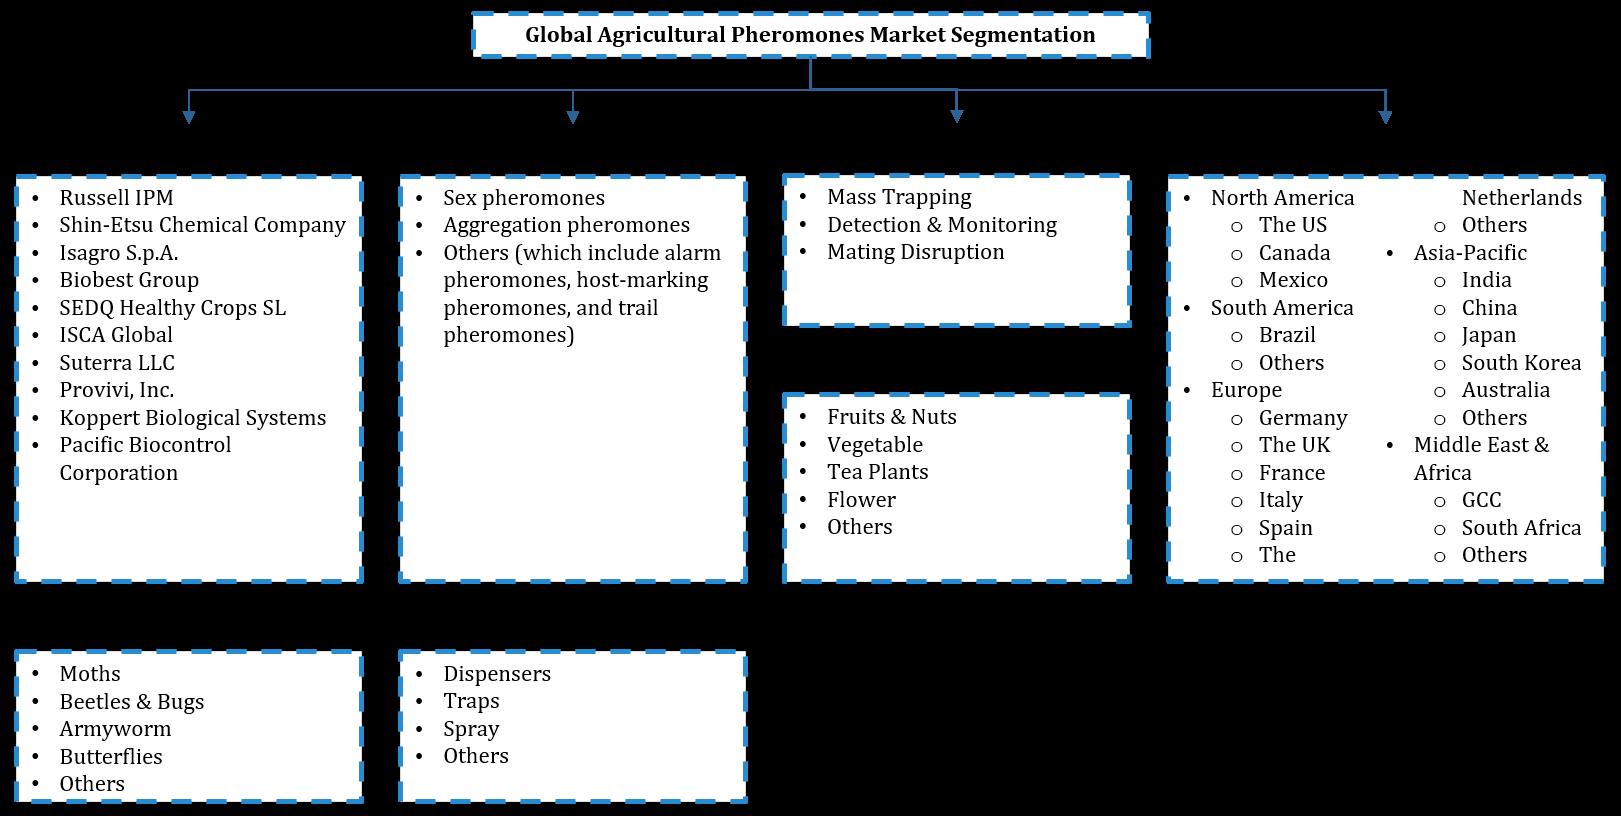 Global Agricultural Pheromones Market Segmentation